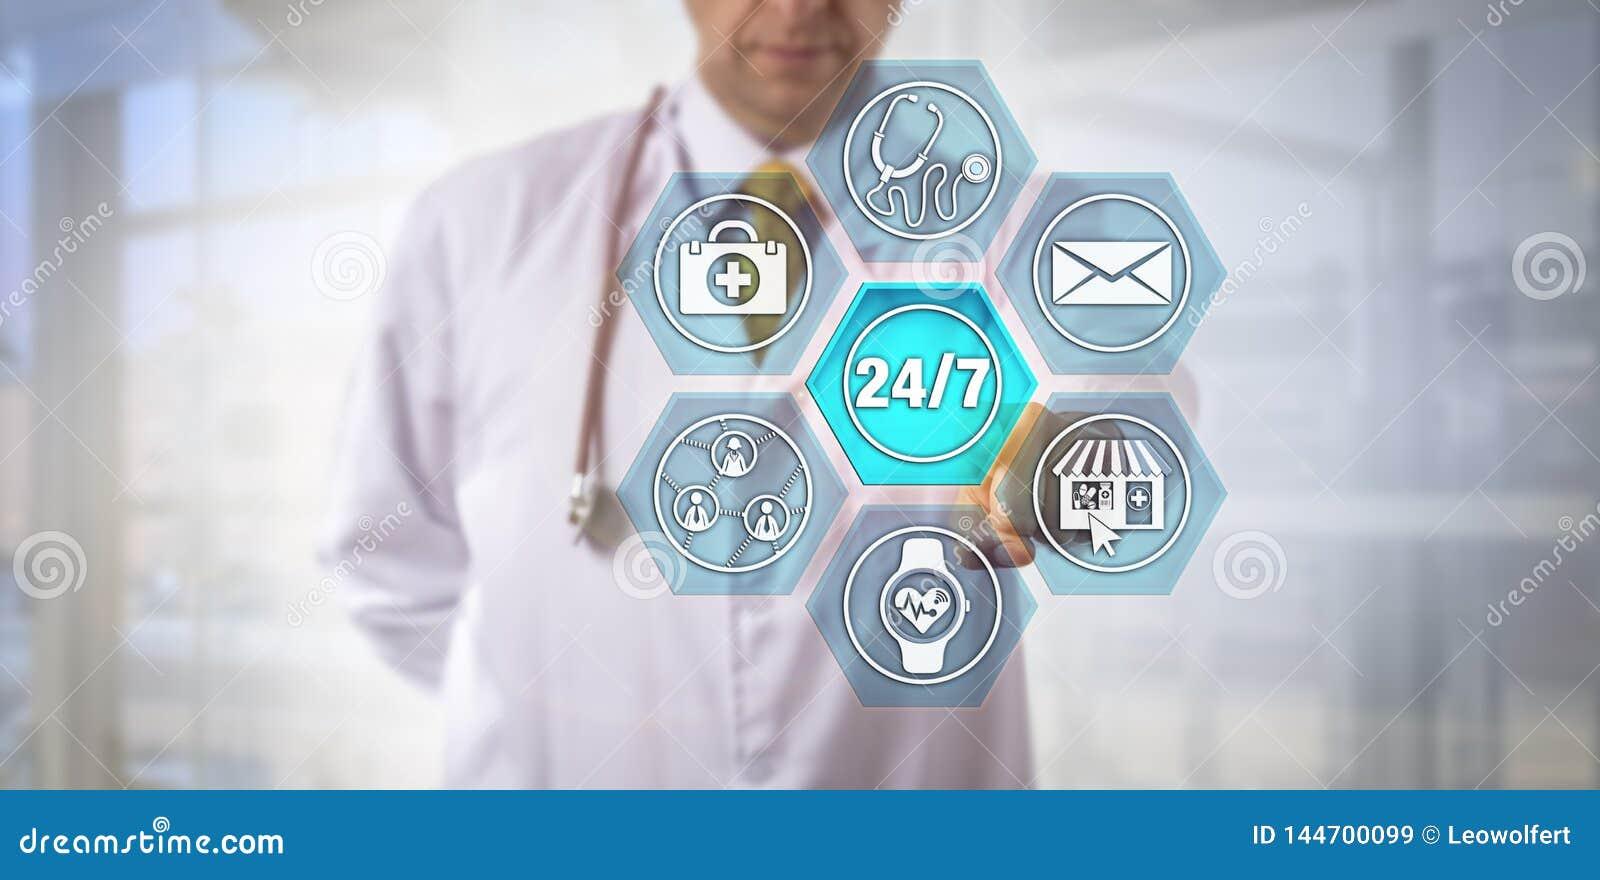 Internet-vett läkare Activating 24/7 service